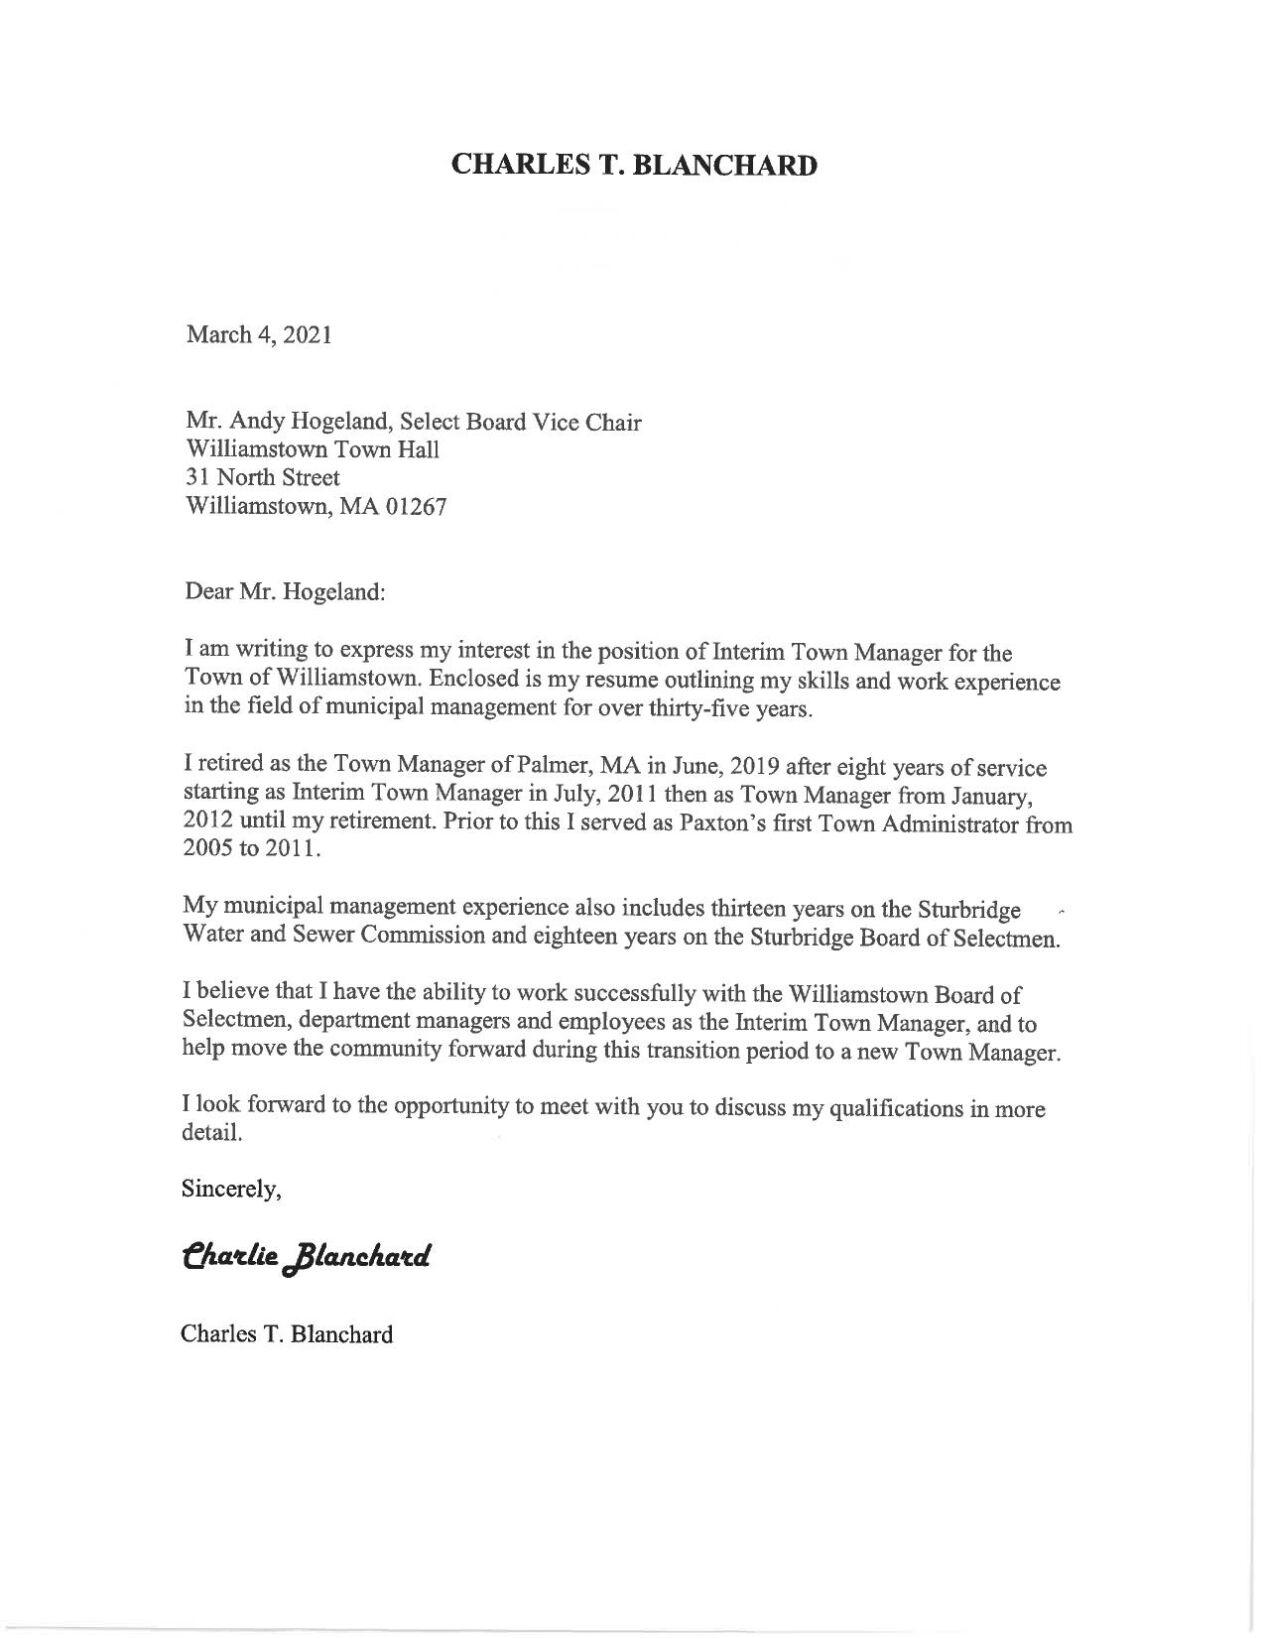 BLANCHARD RESUME.pdf